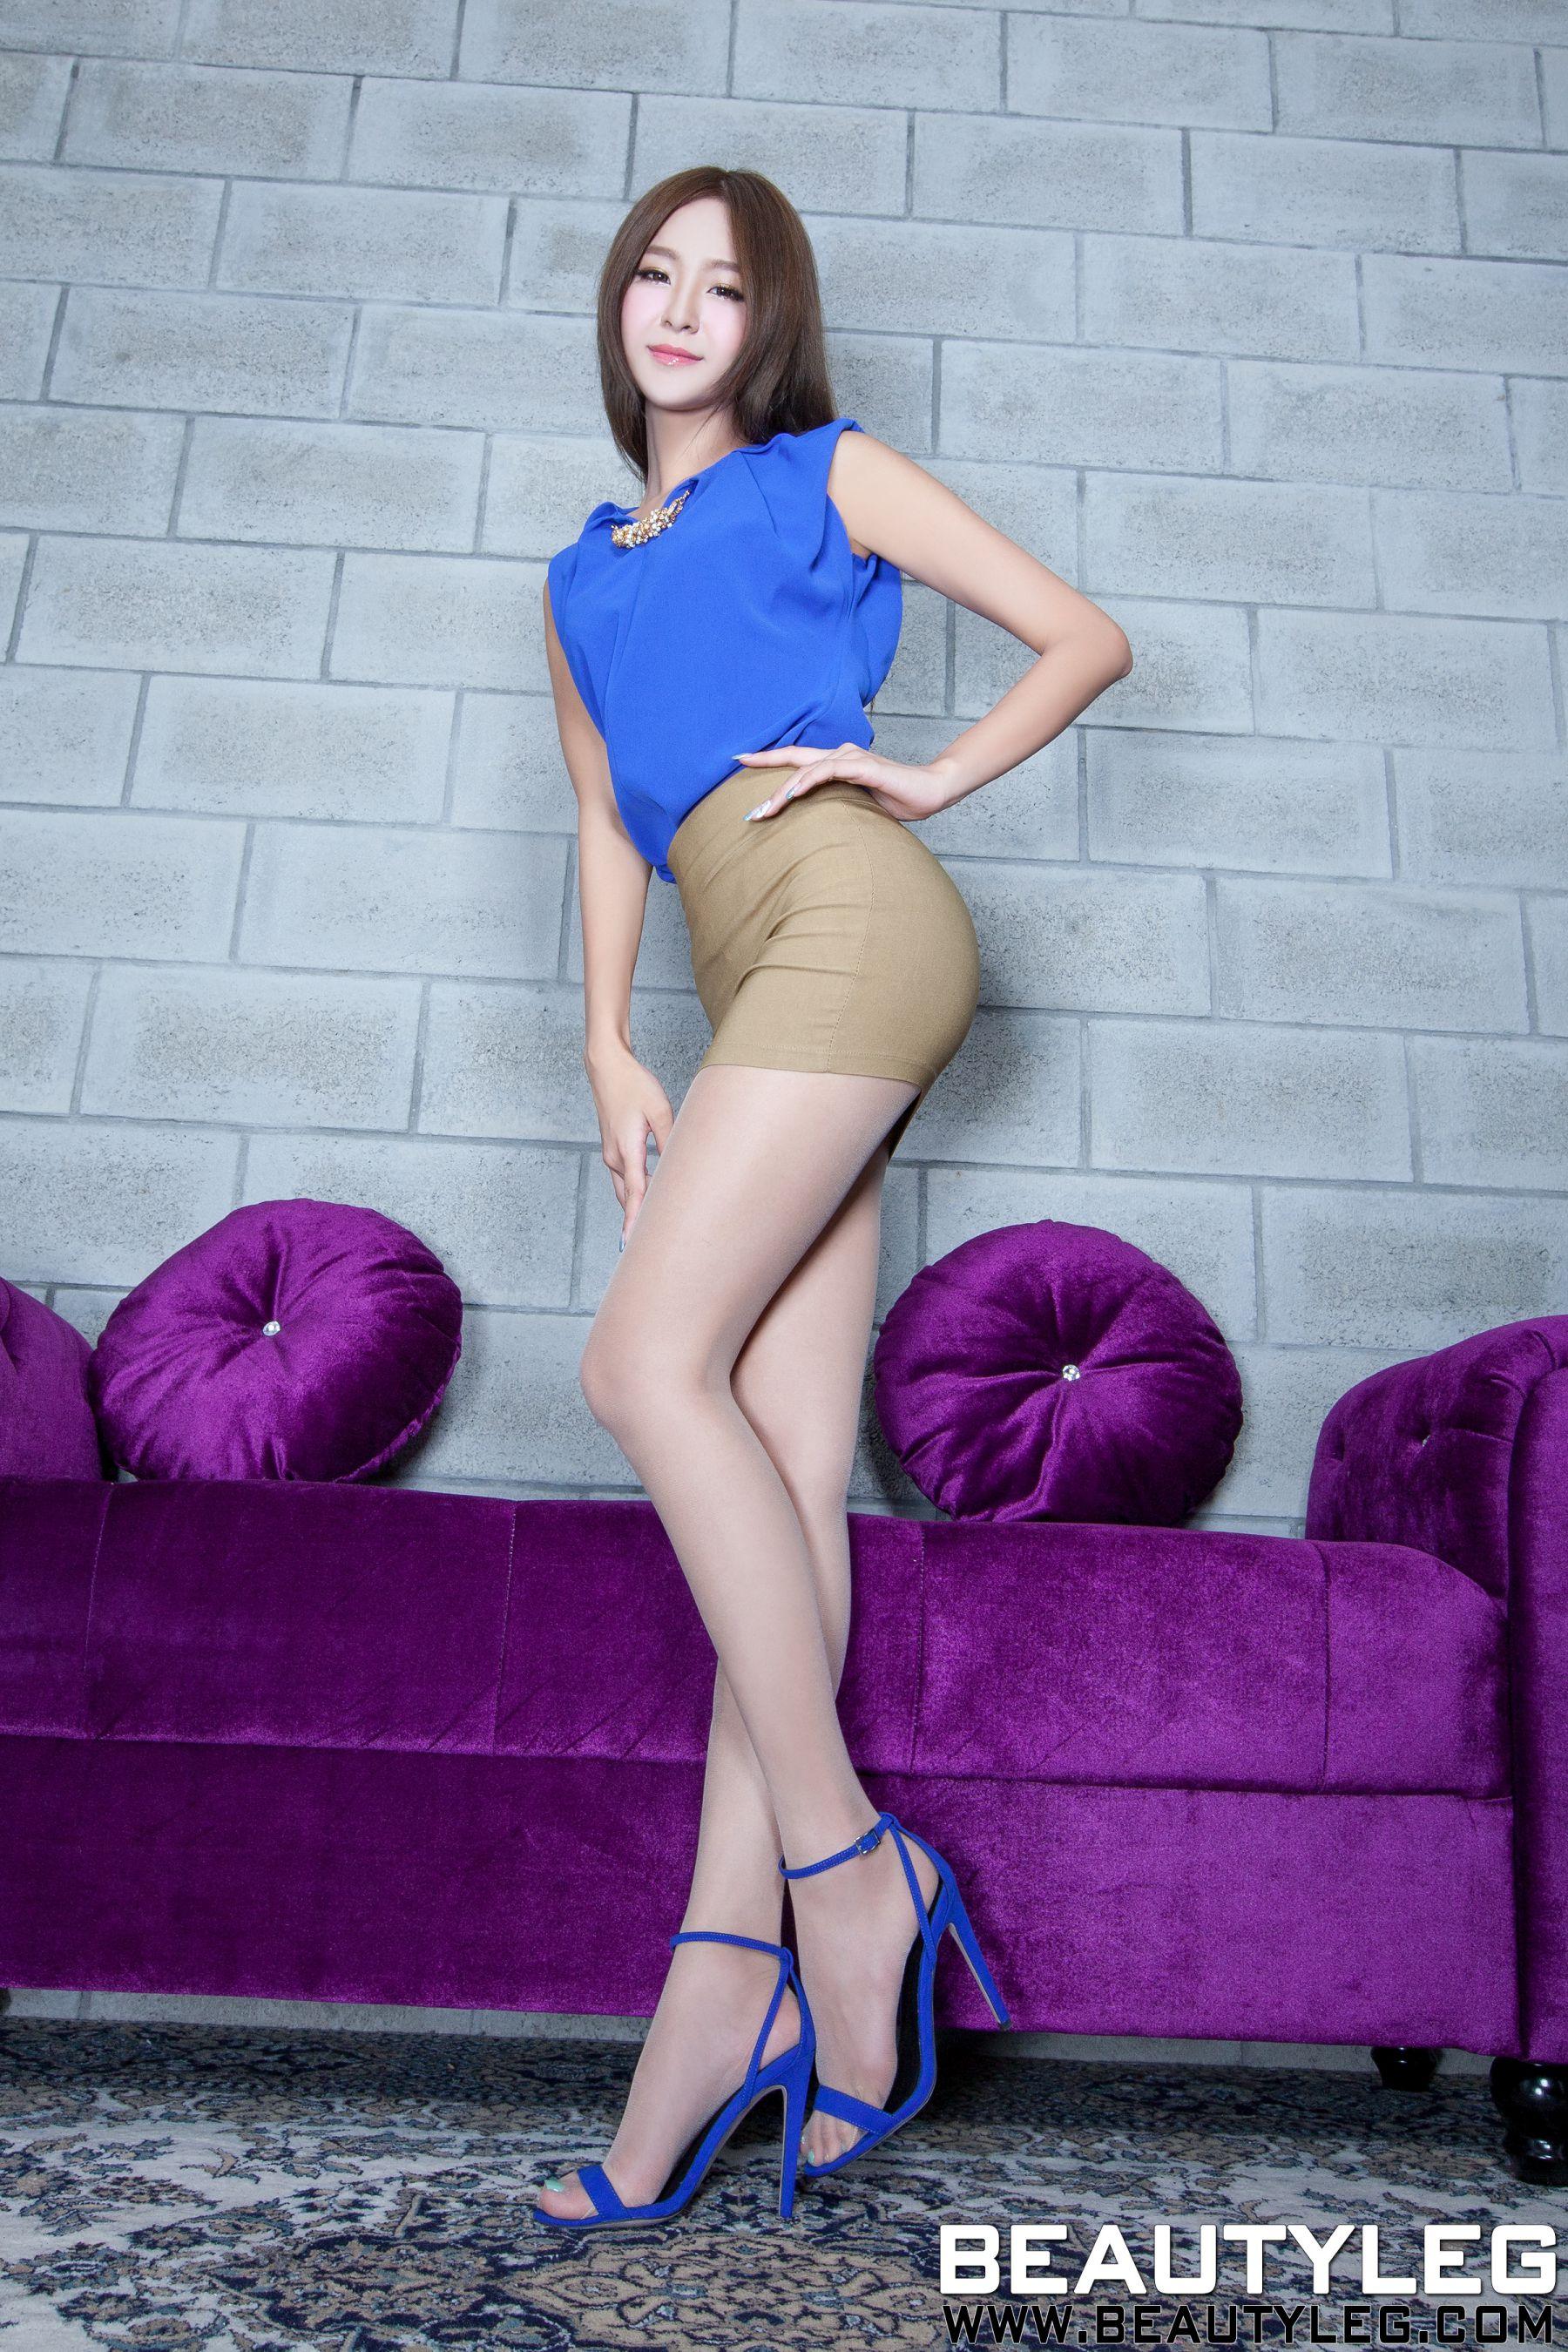 VOL.969 [Beautyleg]包臀裙美女高跟美腿:Winnie小雪(庄咏惠,庄温妮,腿模Winnie)高品质写真套图(57P)